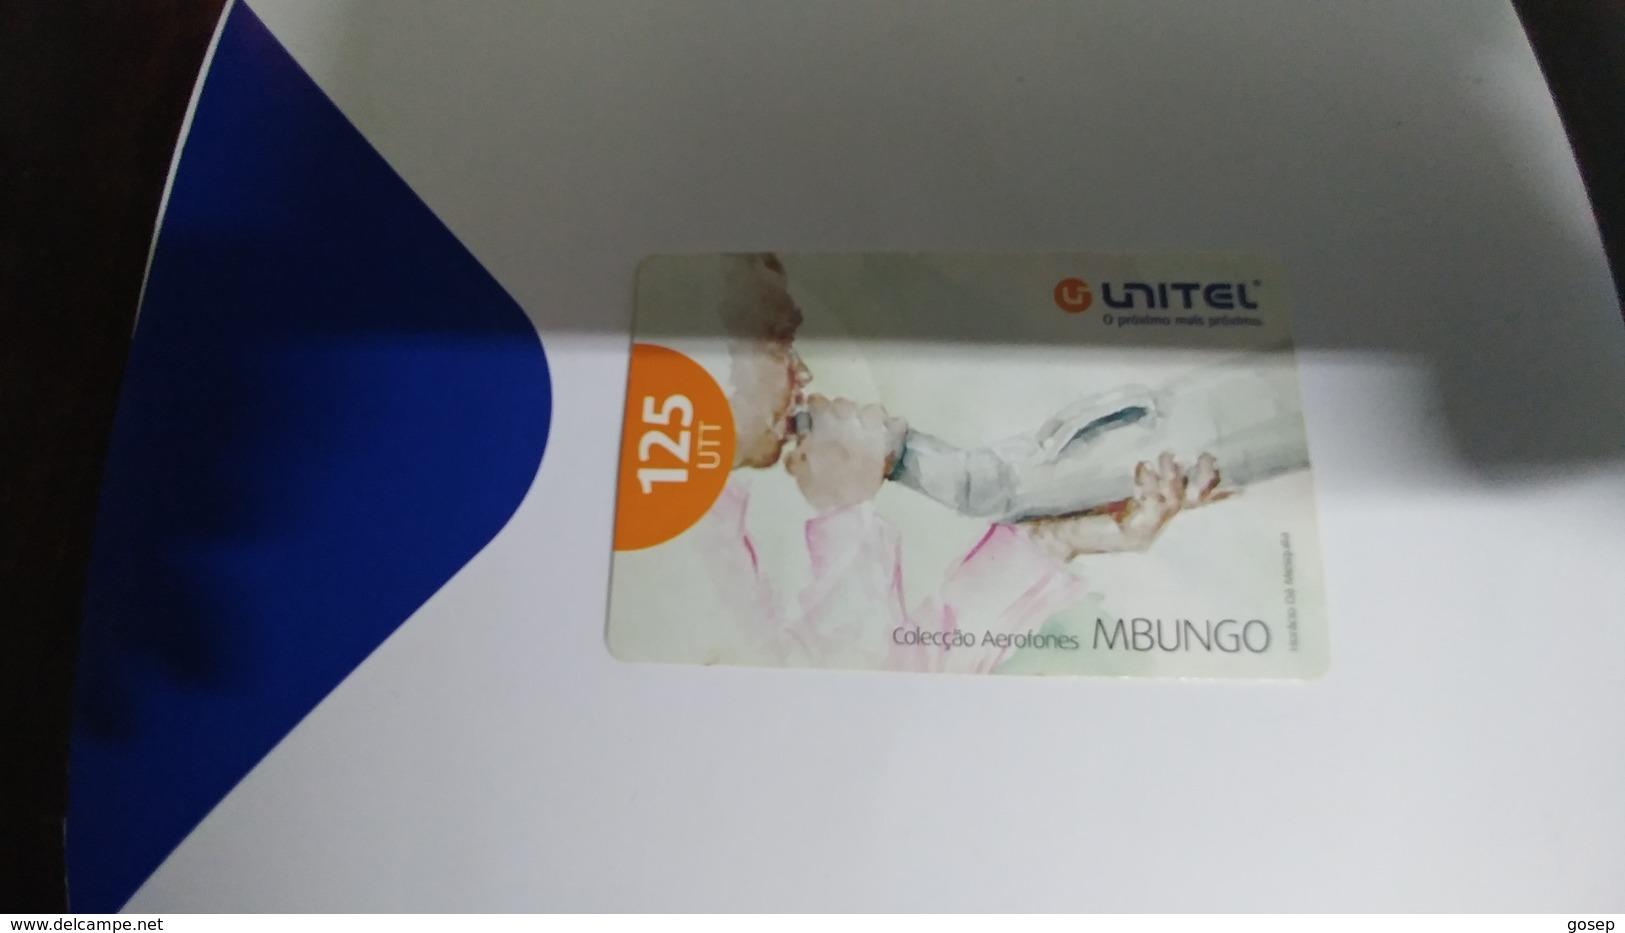 Angola-mbungo-(17)-(125utt)-31.12.2008-used+1card Prepiad Free - Angola